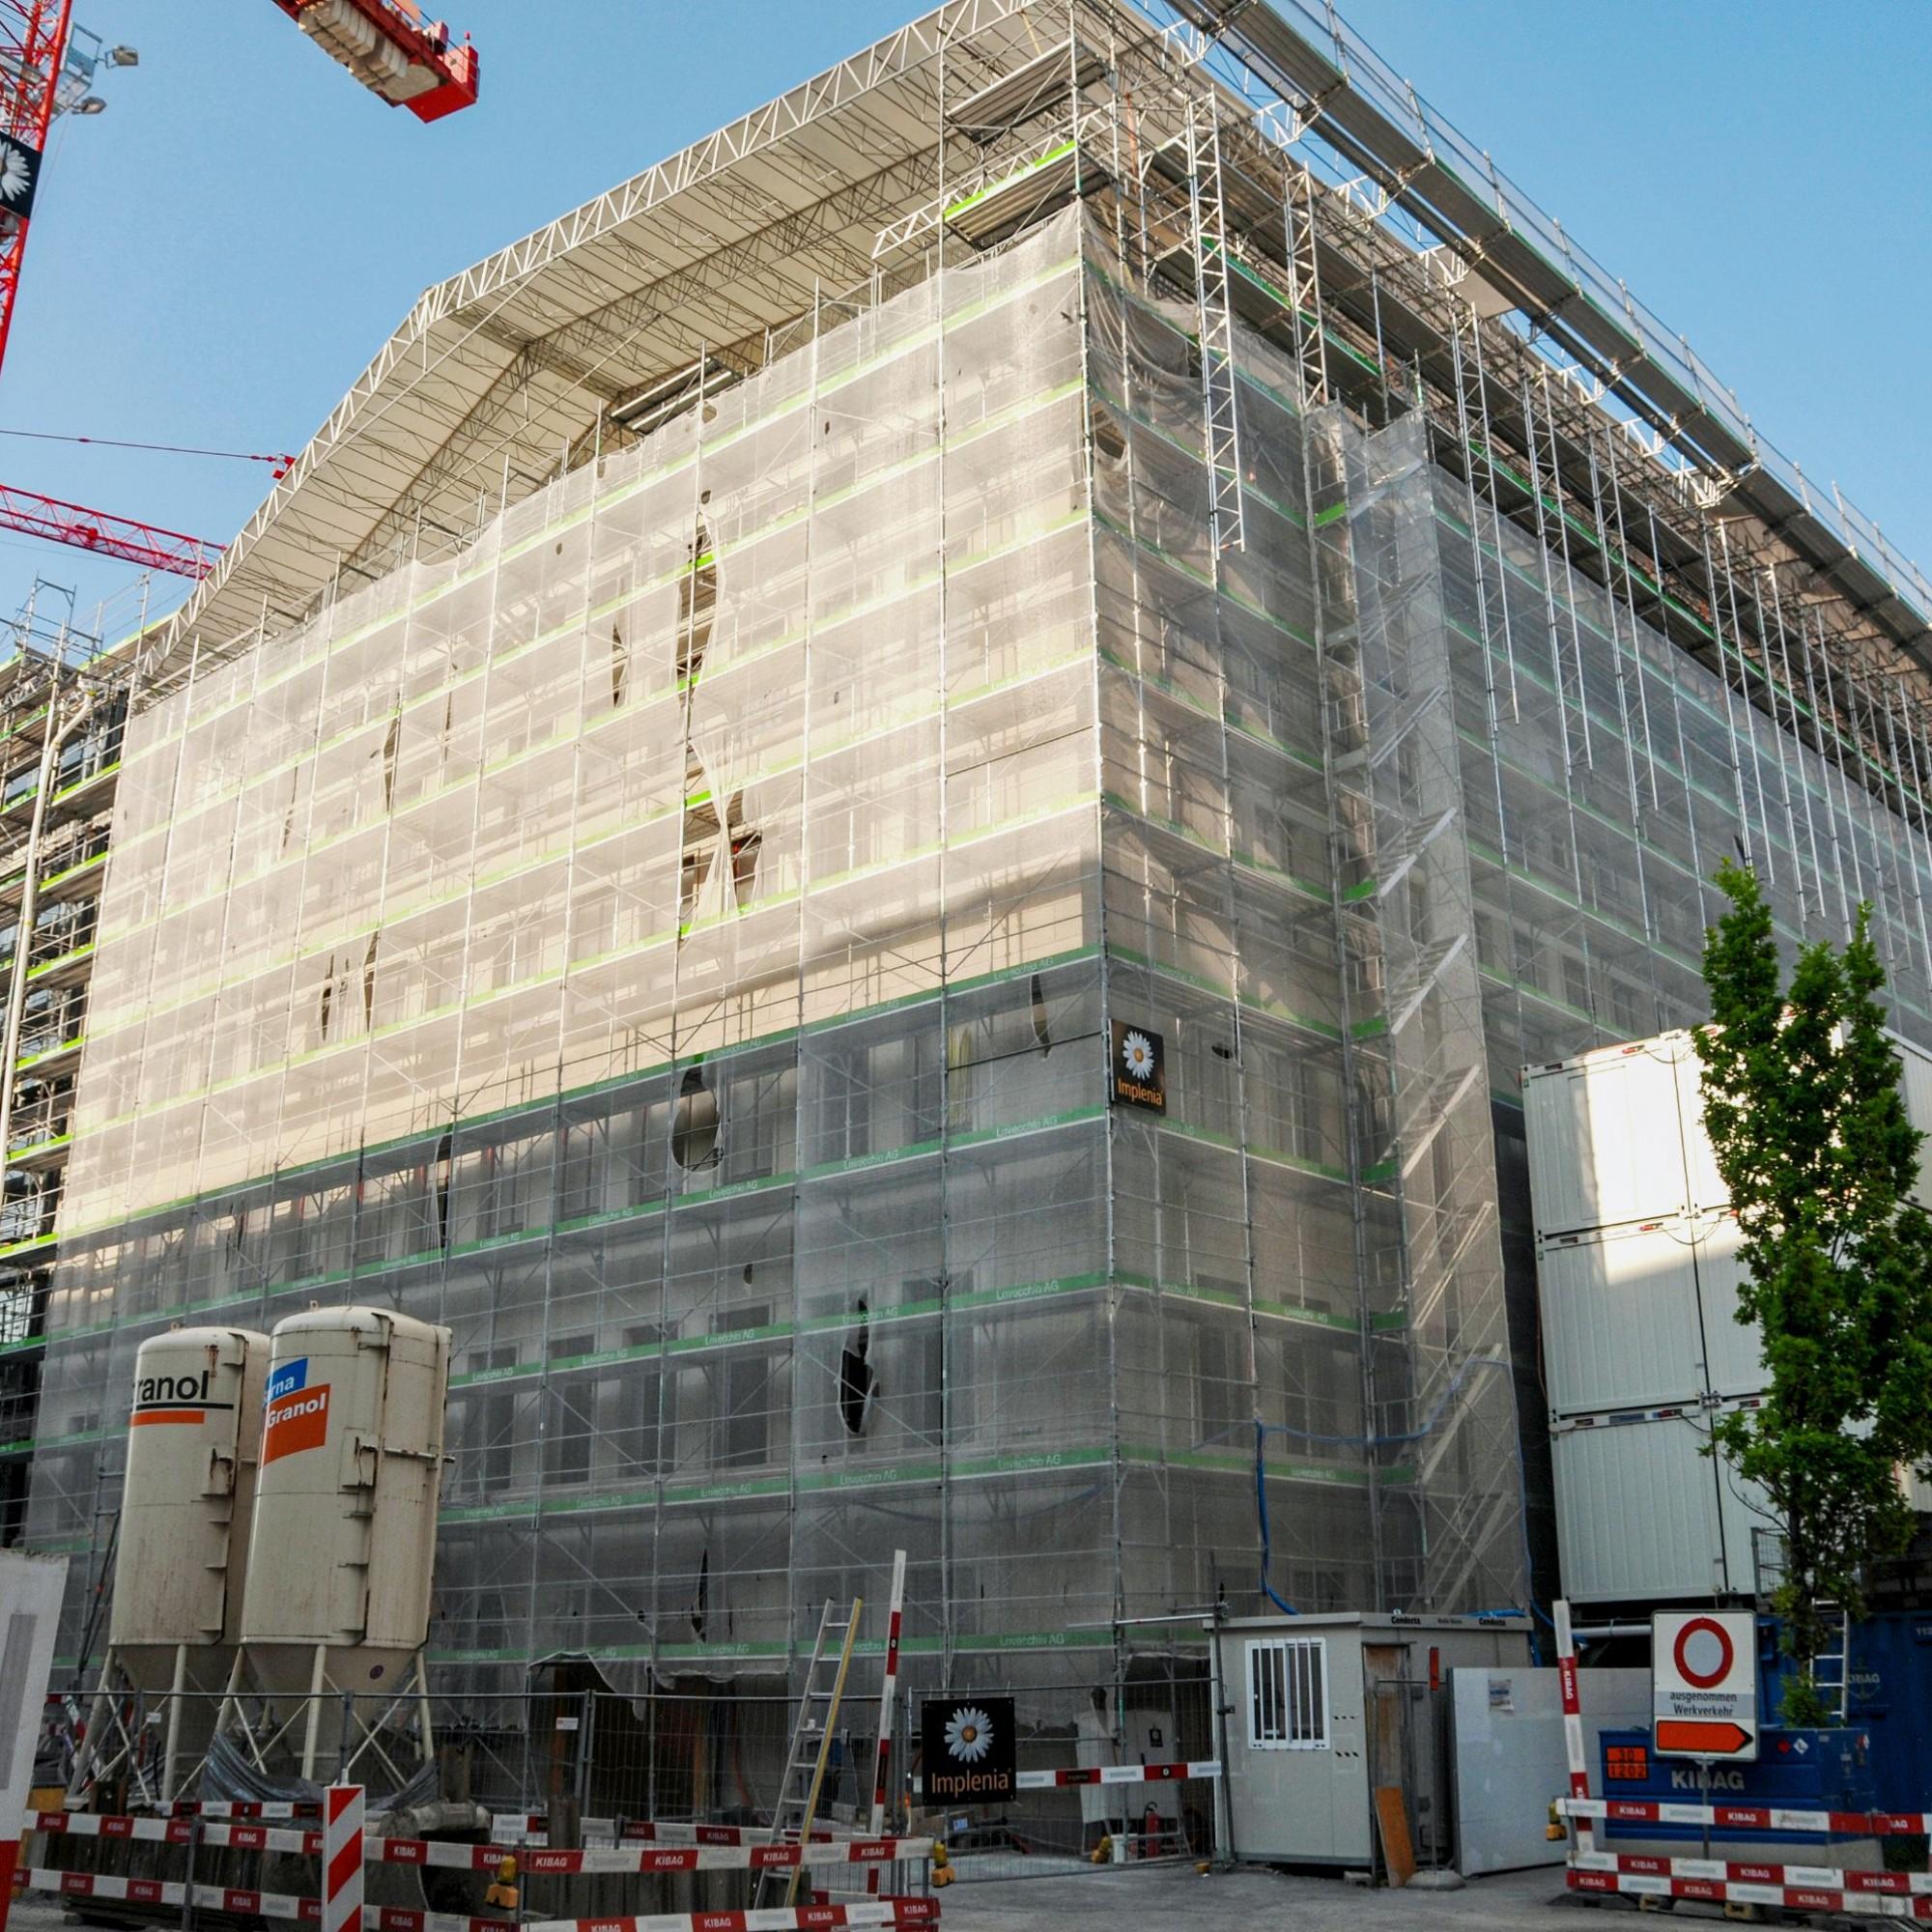 Die Rückseite der Baustelle an der Alfred-Escher-Strasse: Die Kombination aus Sanierung und Neubau, noch dazu mit den Erfordernissen von drei unterschiedlichen Nachhaltigkeits-Labels, erfordert ein Höchstmass an umsichtiger Planung, ständiger Qualitätskon